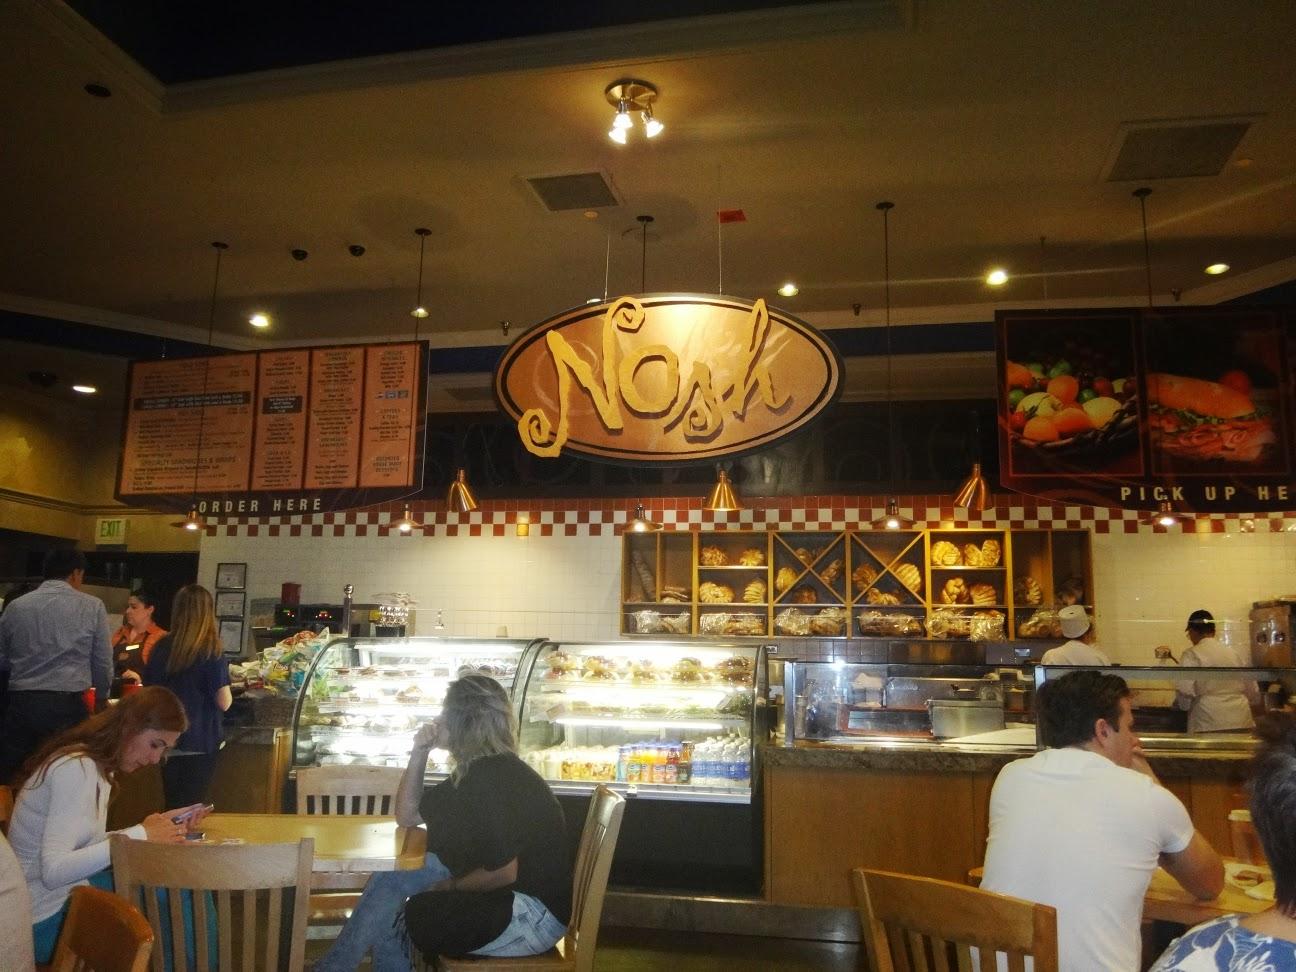 lanchonete Nosh - cafe-da-manha - hotel ballys - las vegas